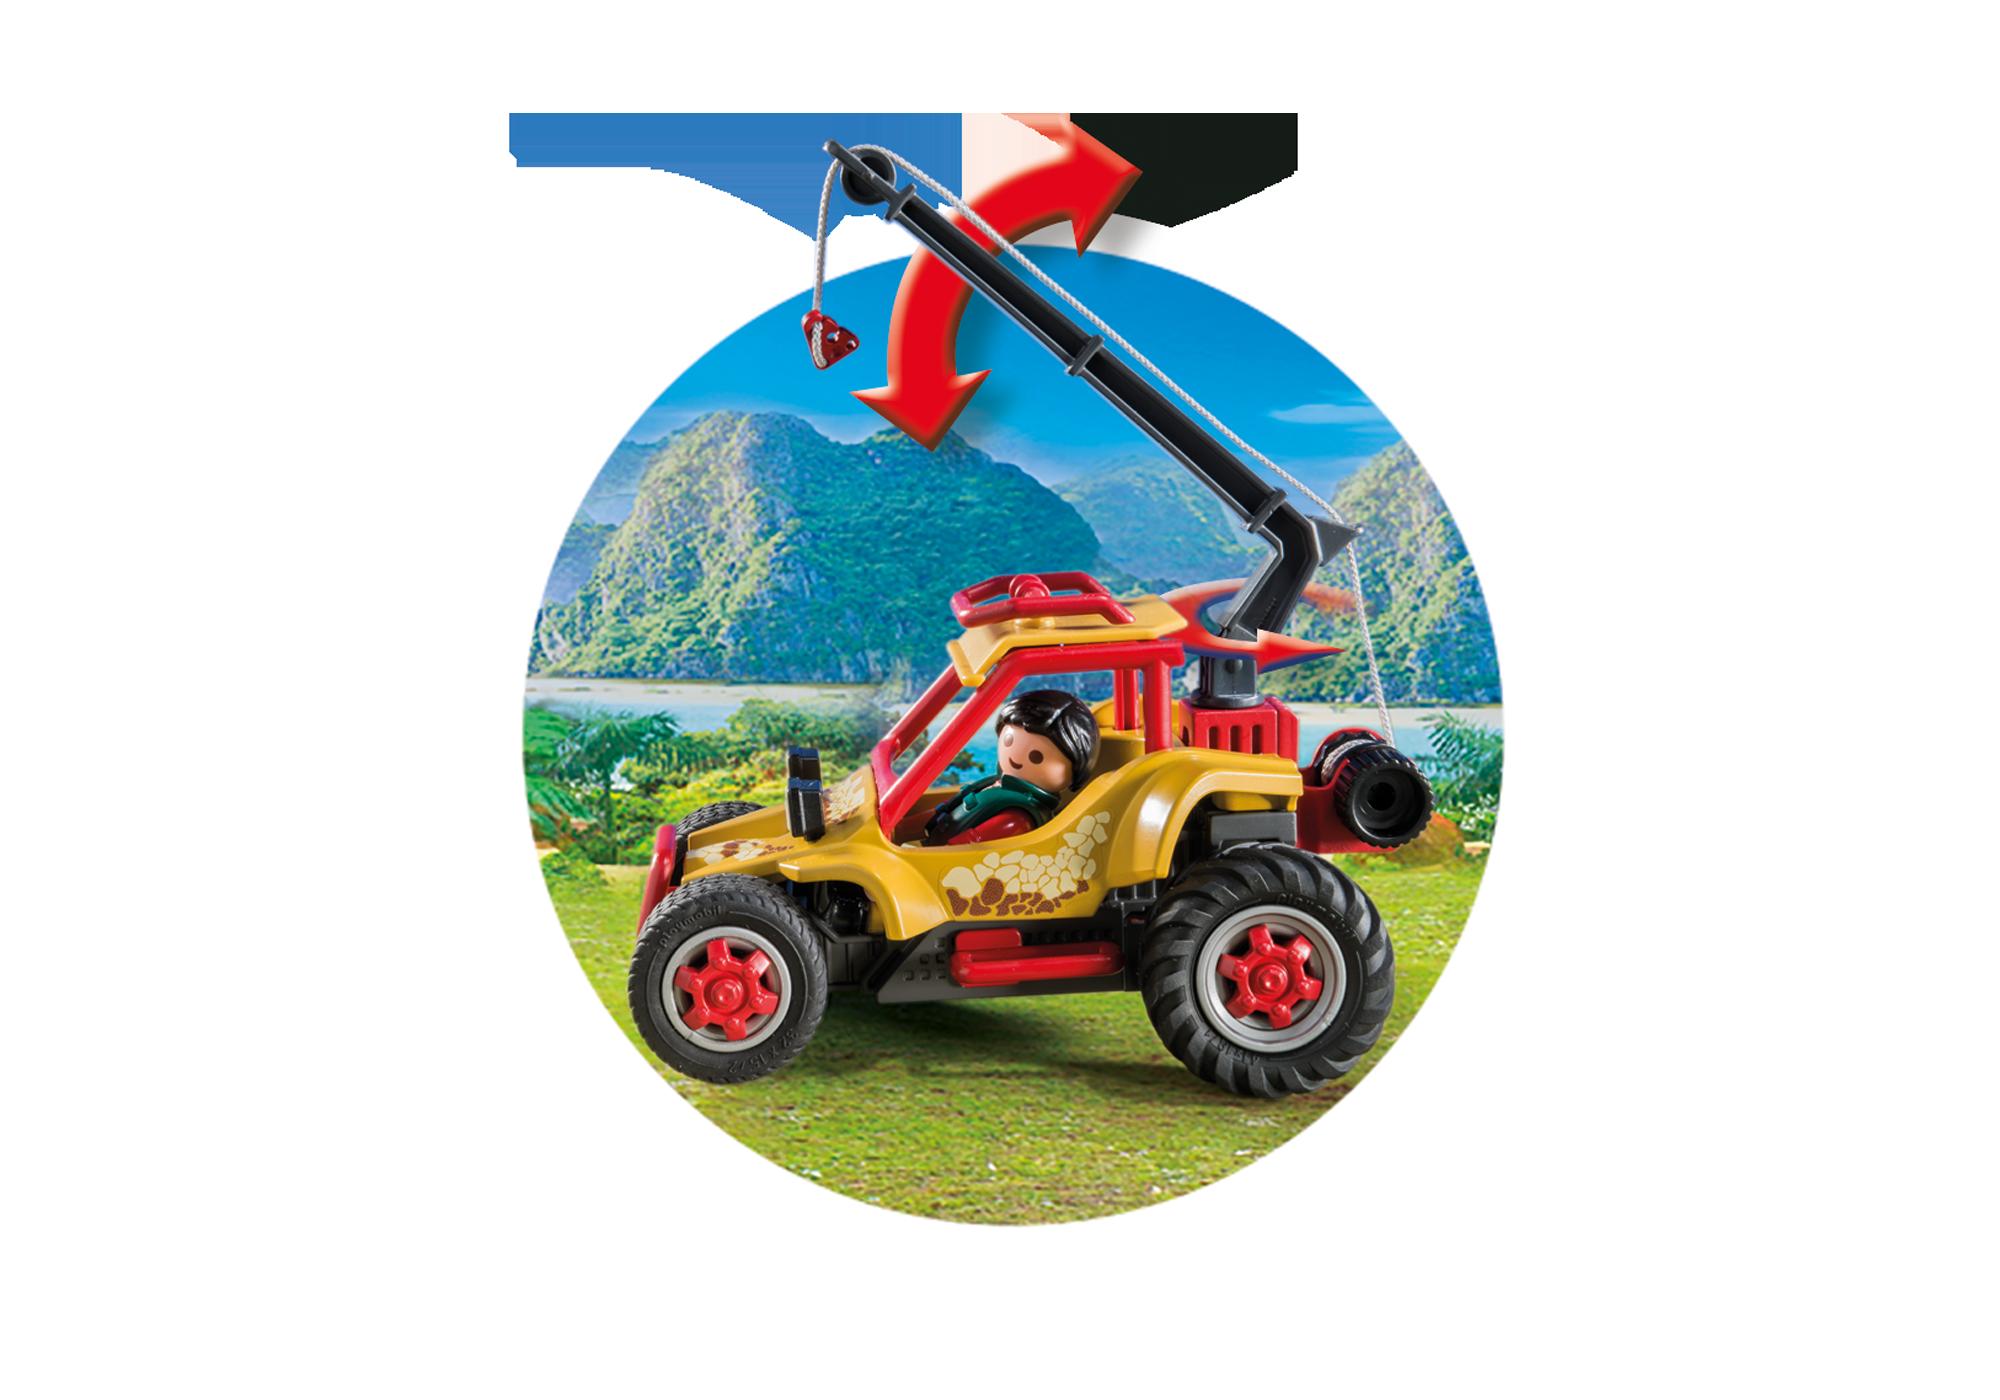 http://media.playmobil.com/i/playmobil/9432_product_extra3/Vehículo Explorador con Estegosaurio